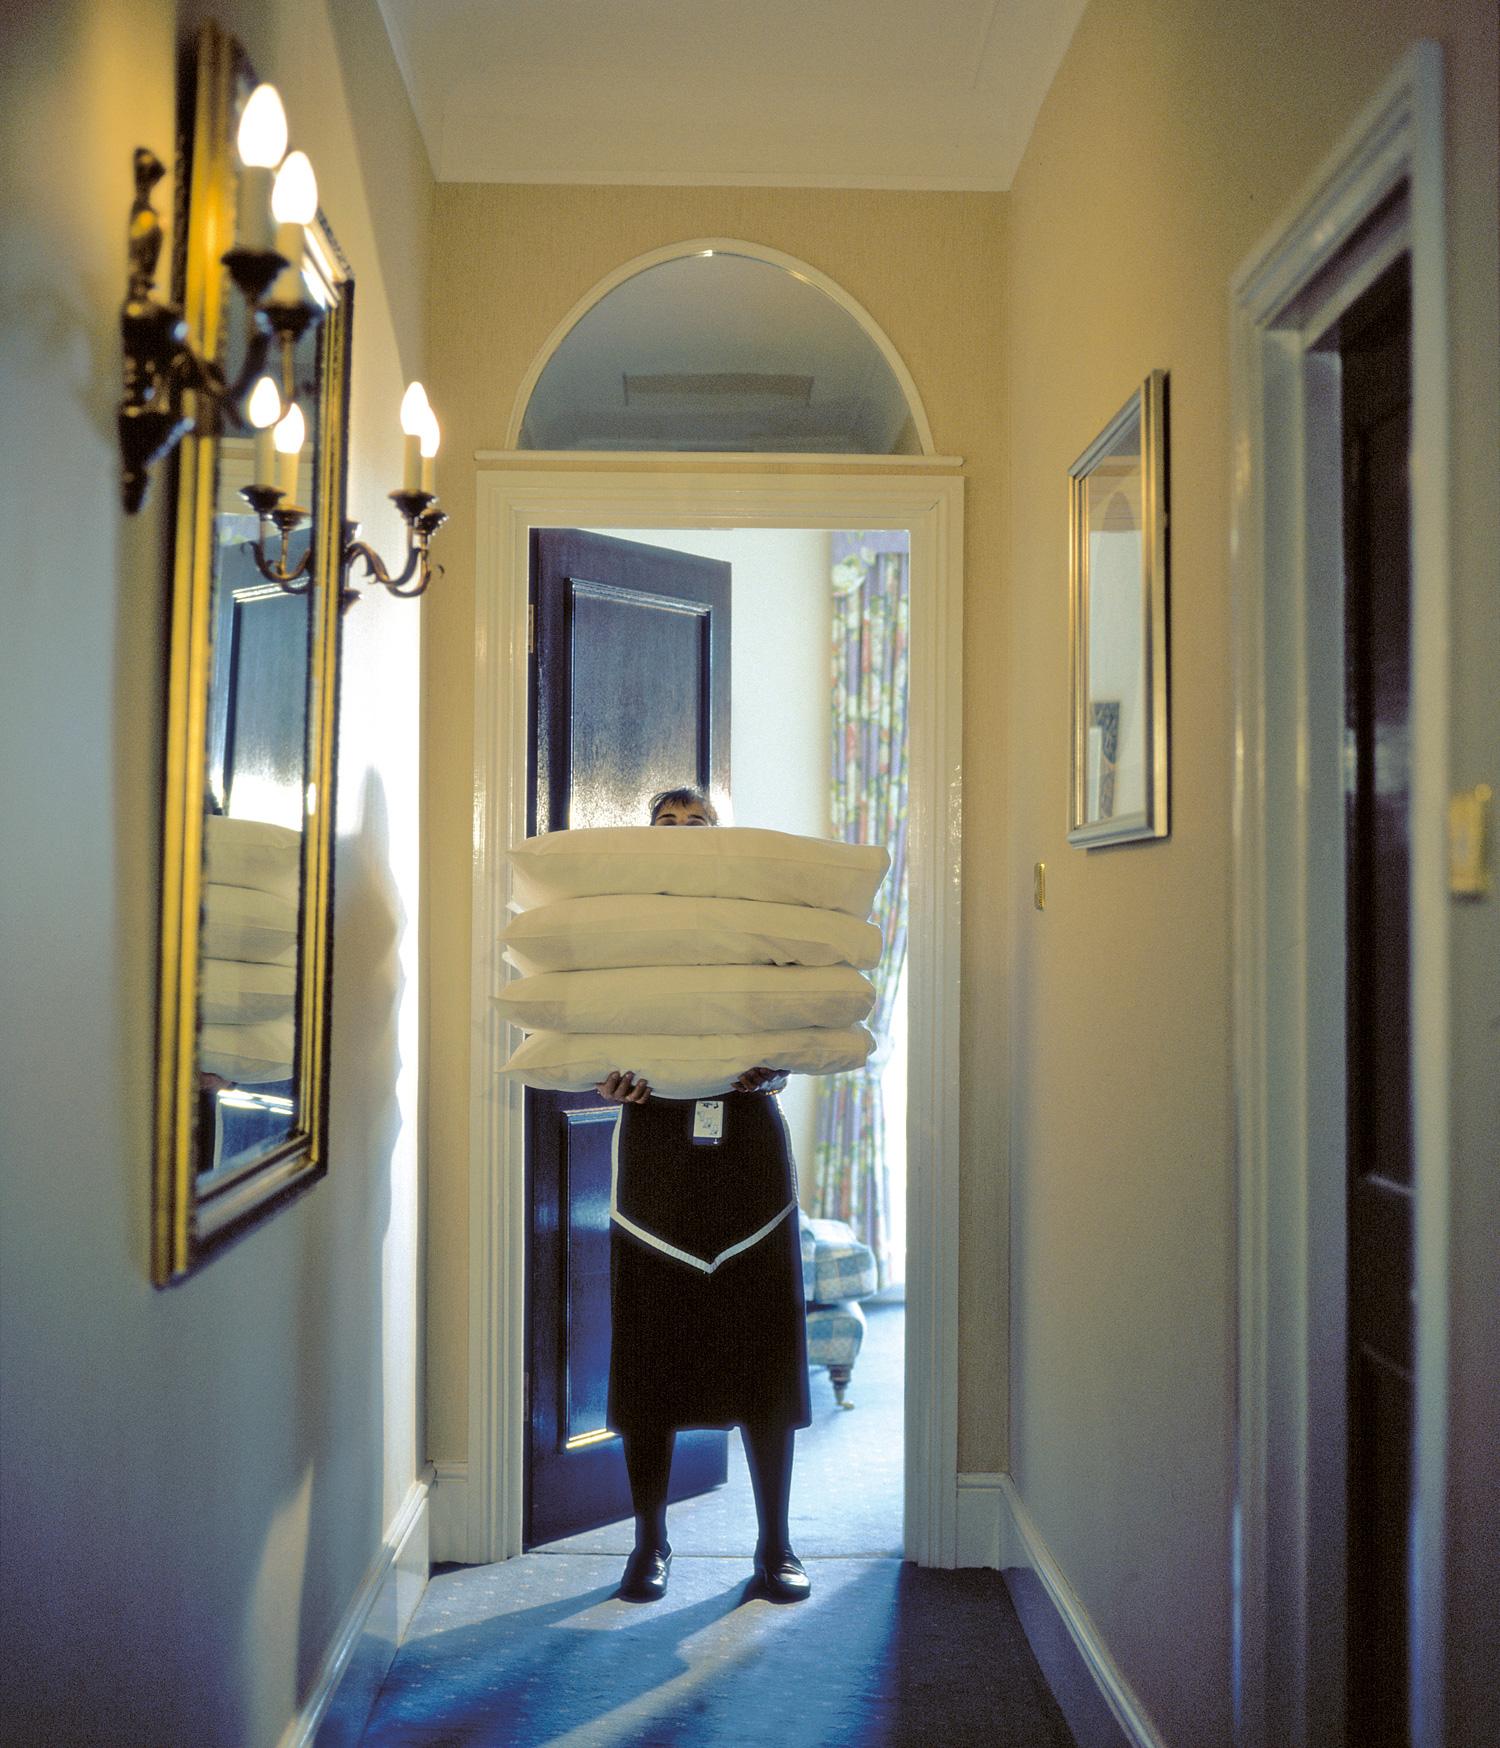 Housemaid-Brooking.jpg